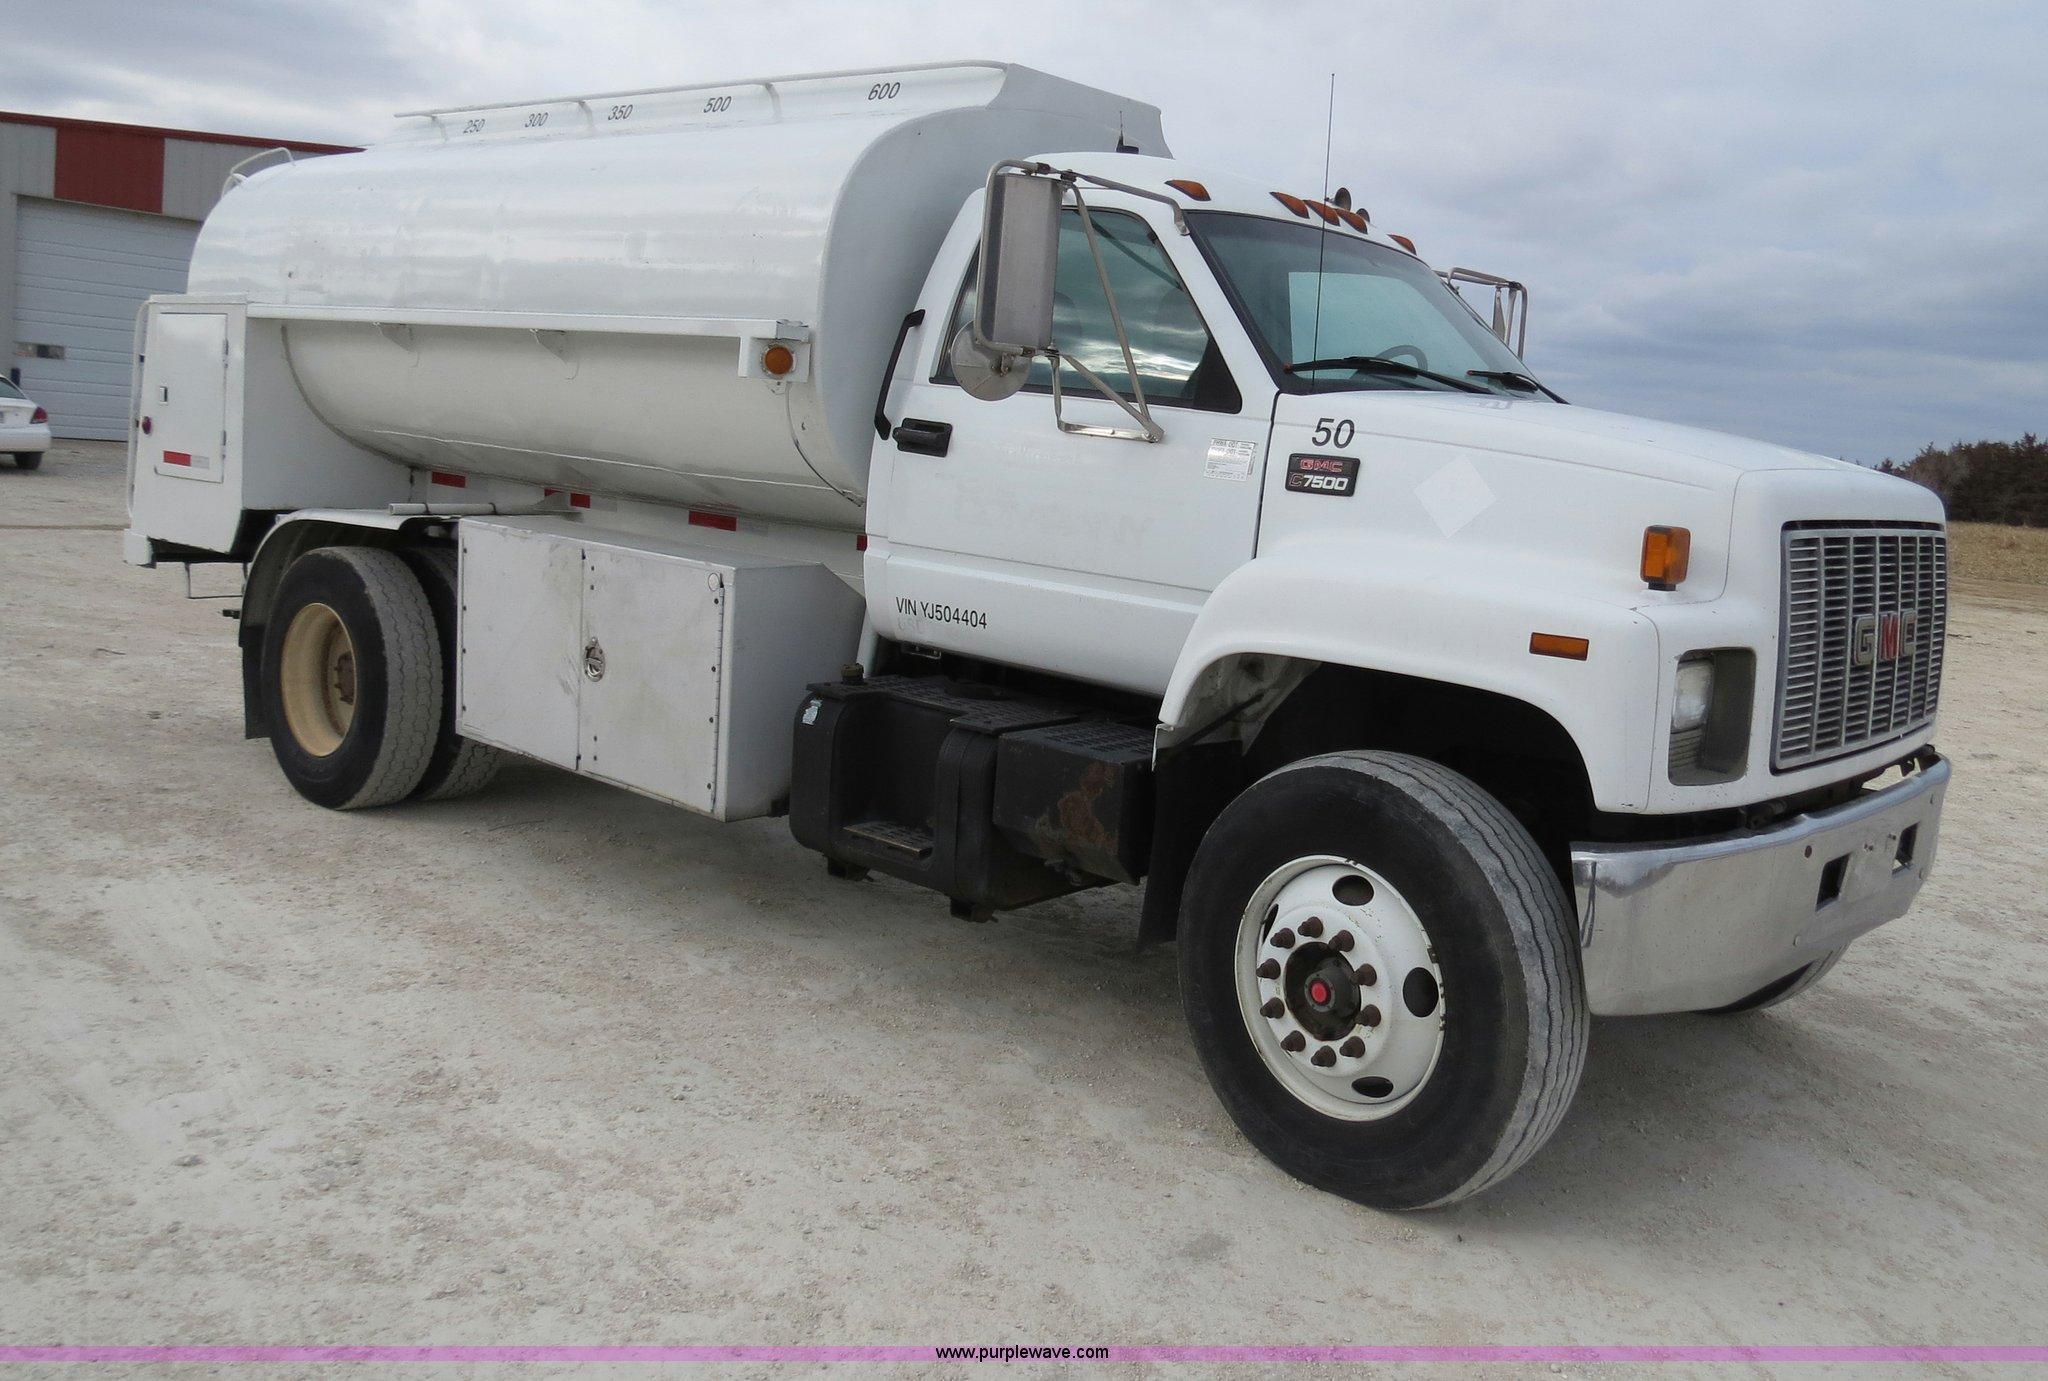 ... 2000 GMC C7500 fuel truck Full size in new window ...